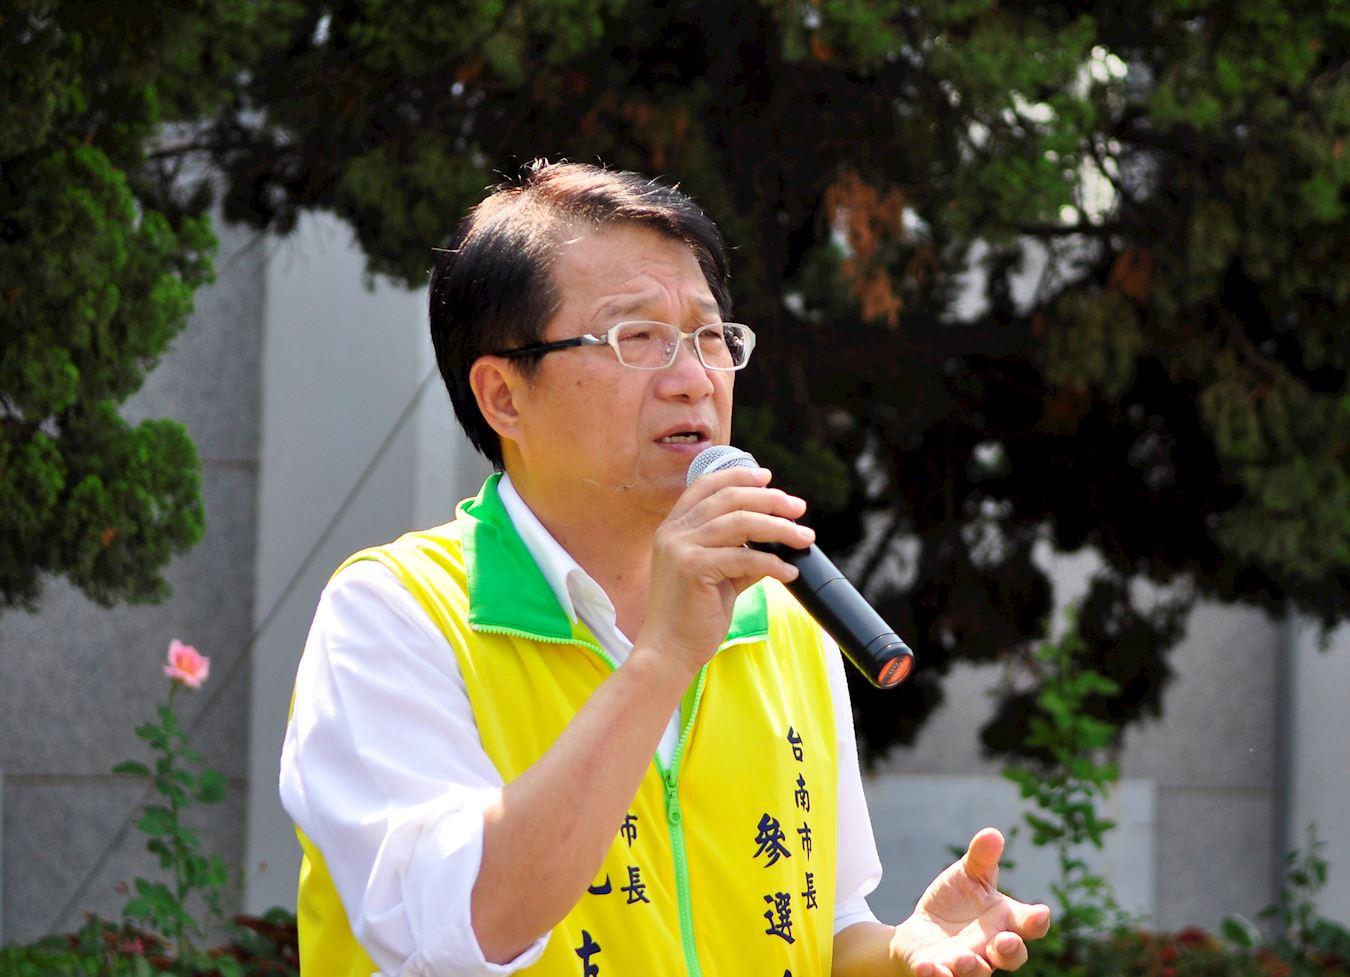 台南市前副市长颜纯左:在台湾各地举办513庆祝活动,意义深远。(明慧网)